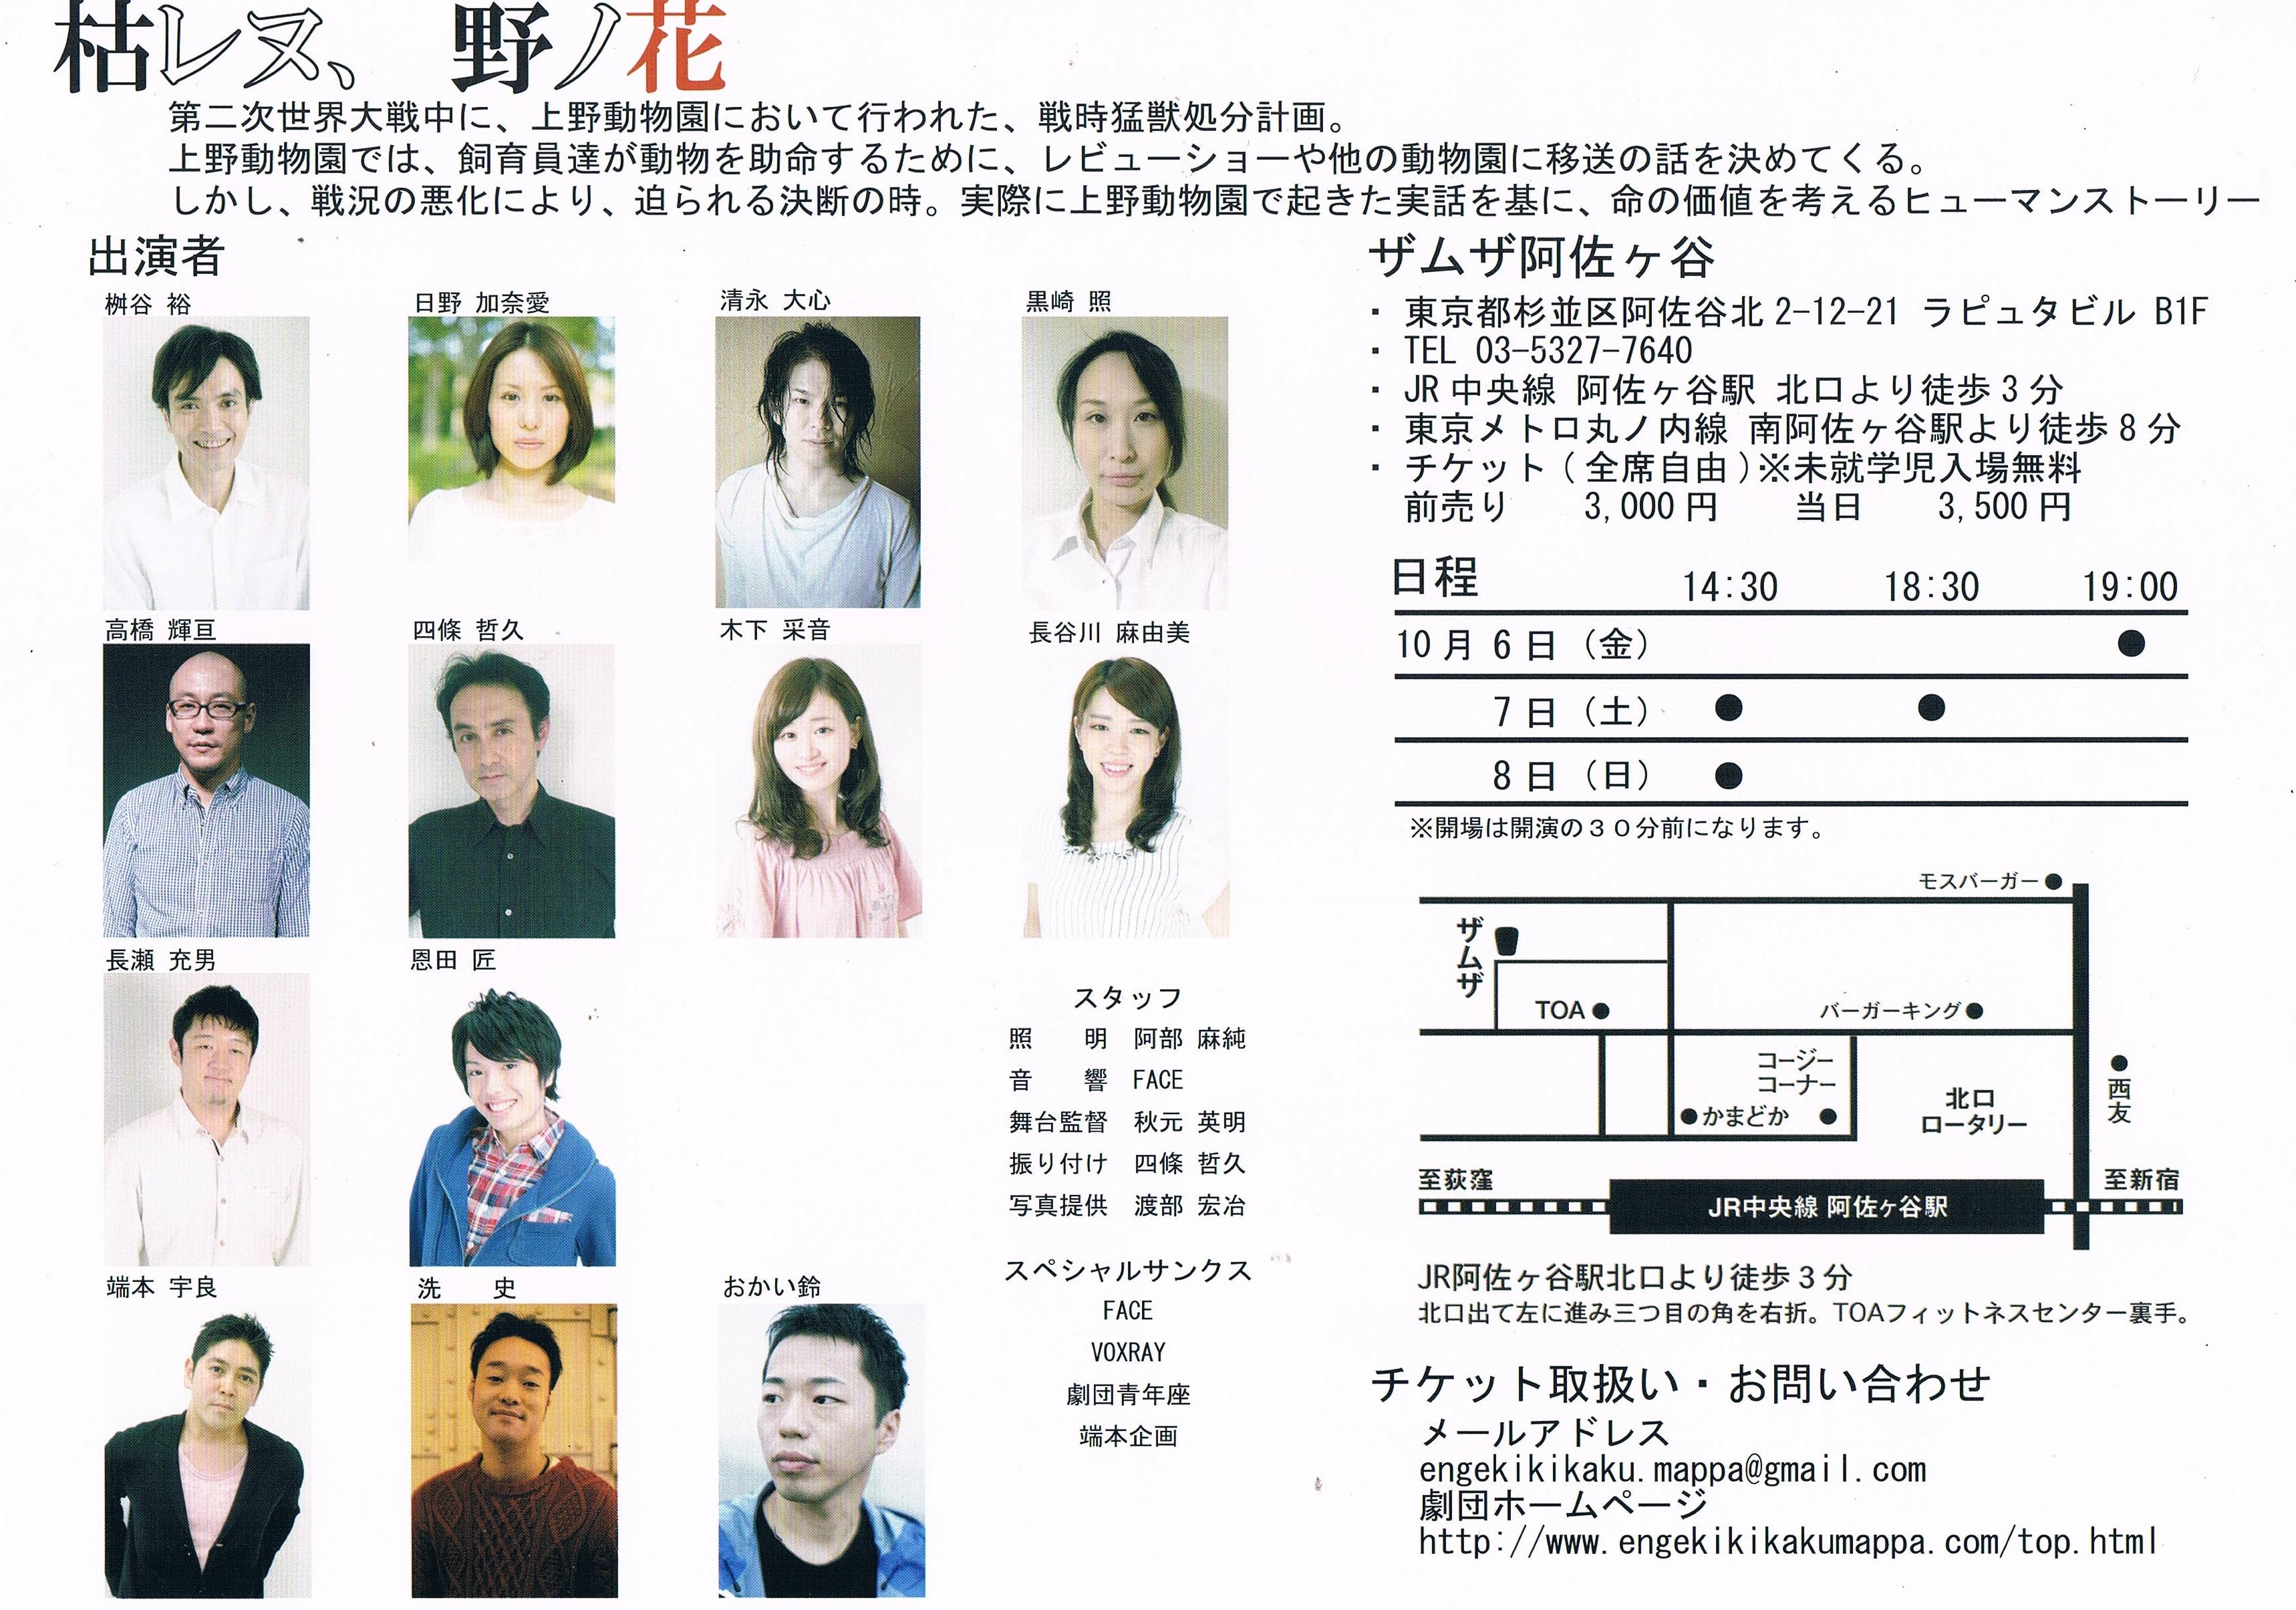 2017oct「枯レヌ野ノ花」チラシ裏CCF20170903_00003